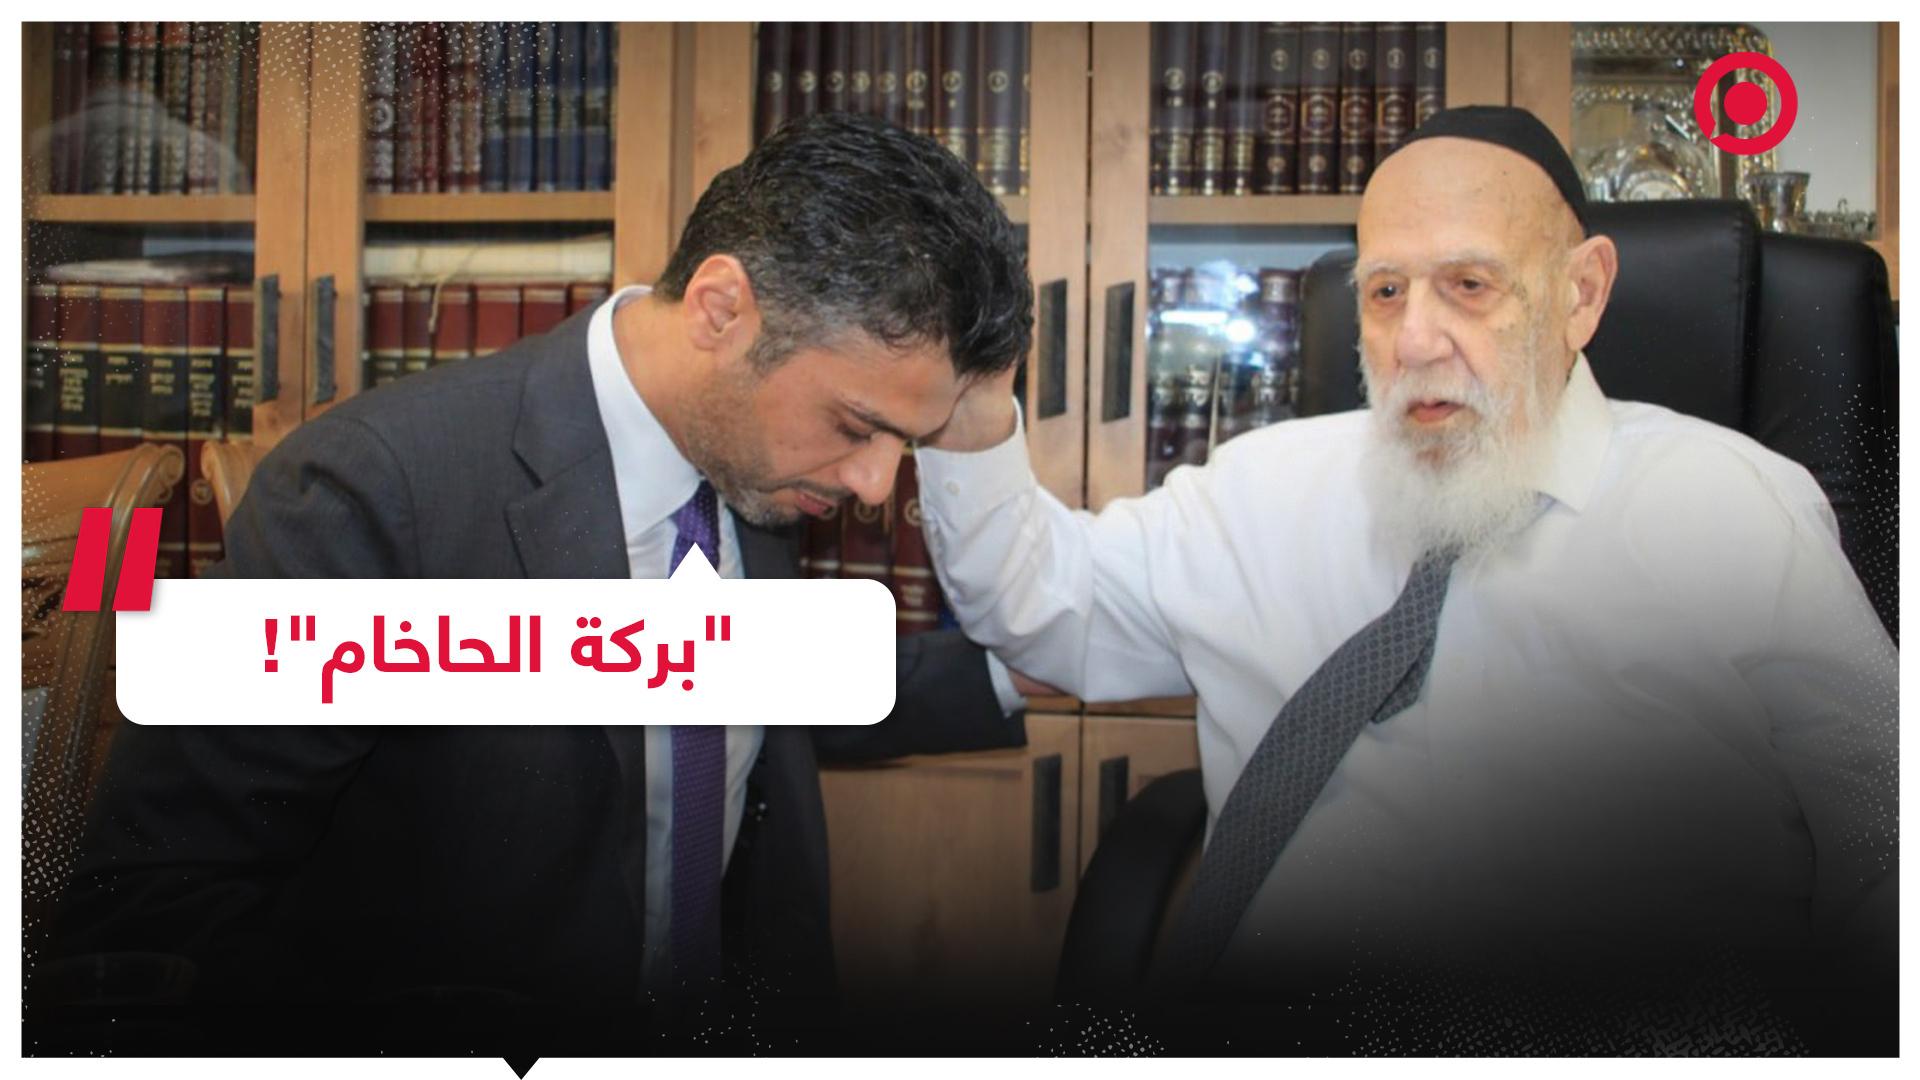 صور للسفير الإماراتي لدى إسرائيل تثير الجدل